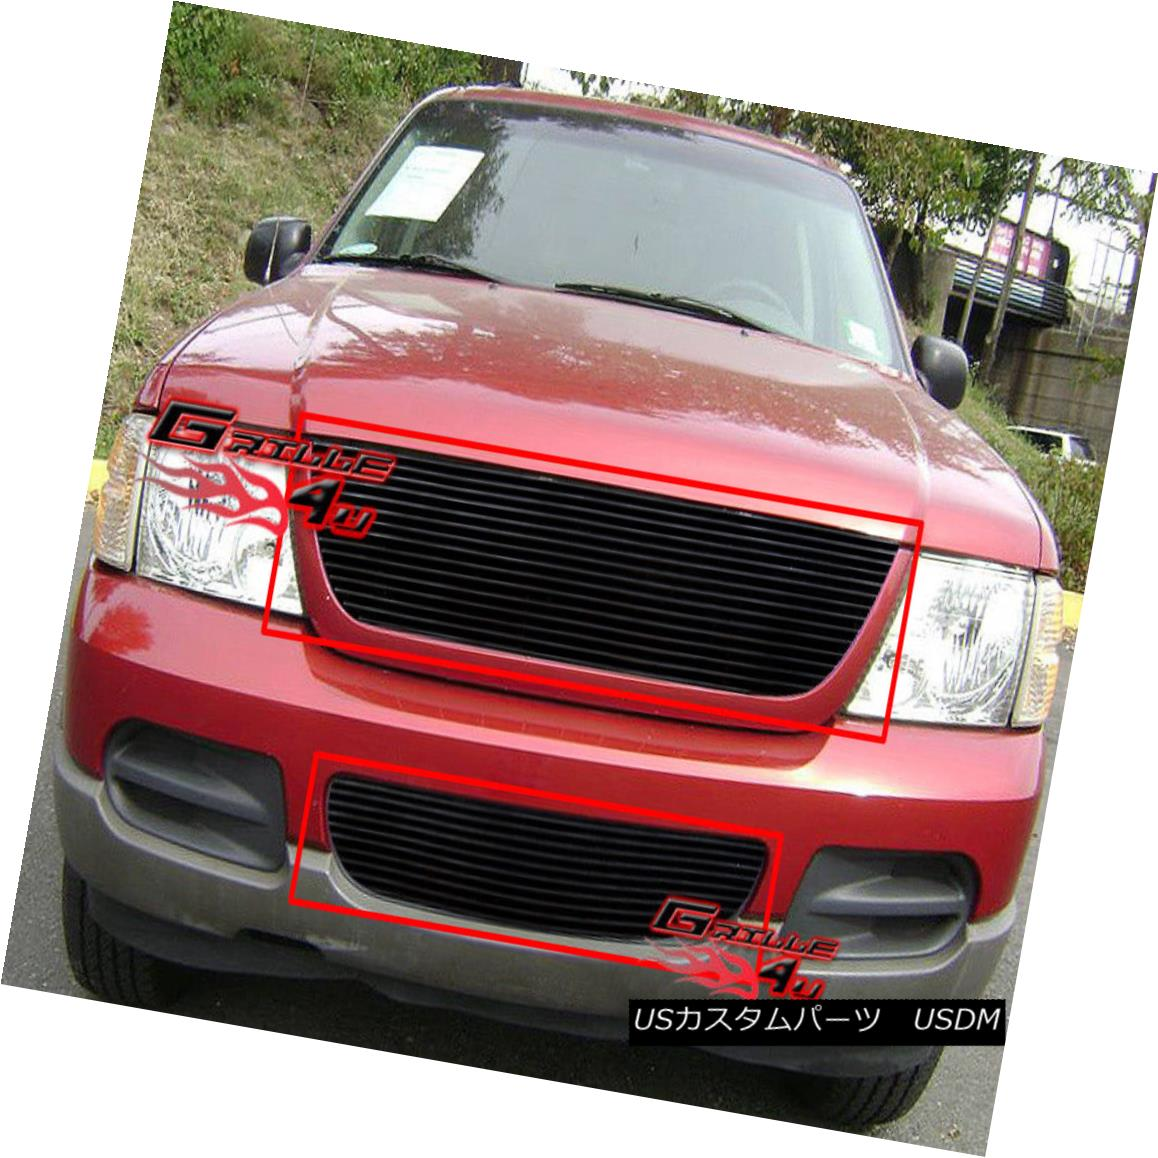 グリル Fits 2002-2005 Ford Explorer Black Billet Grille Combo フィット2002-2005フォードエクスプローラーブラックビレットグリルコンボ